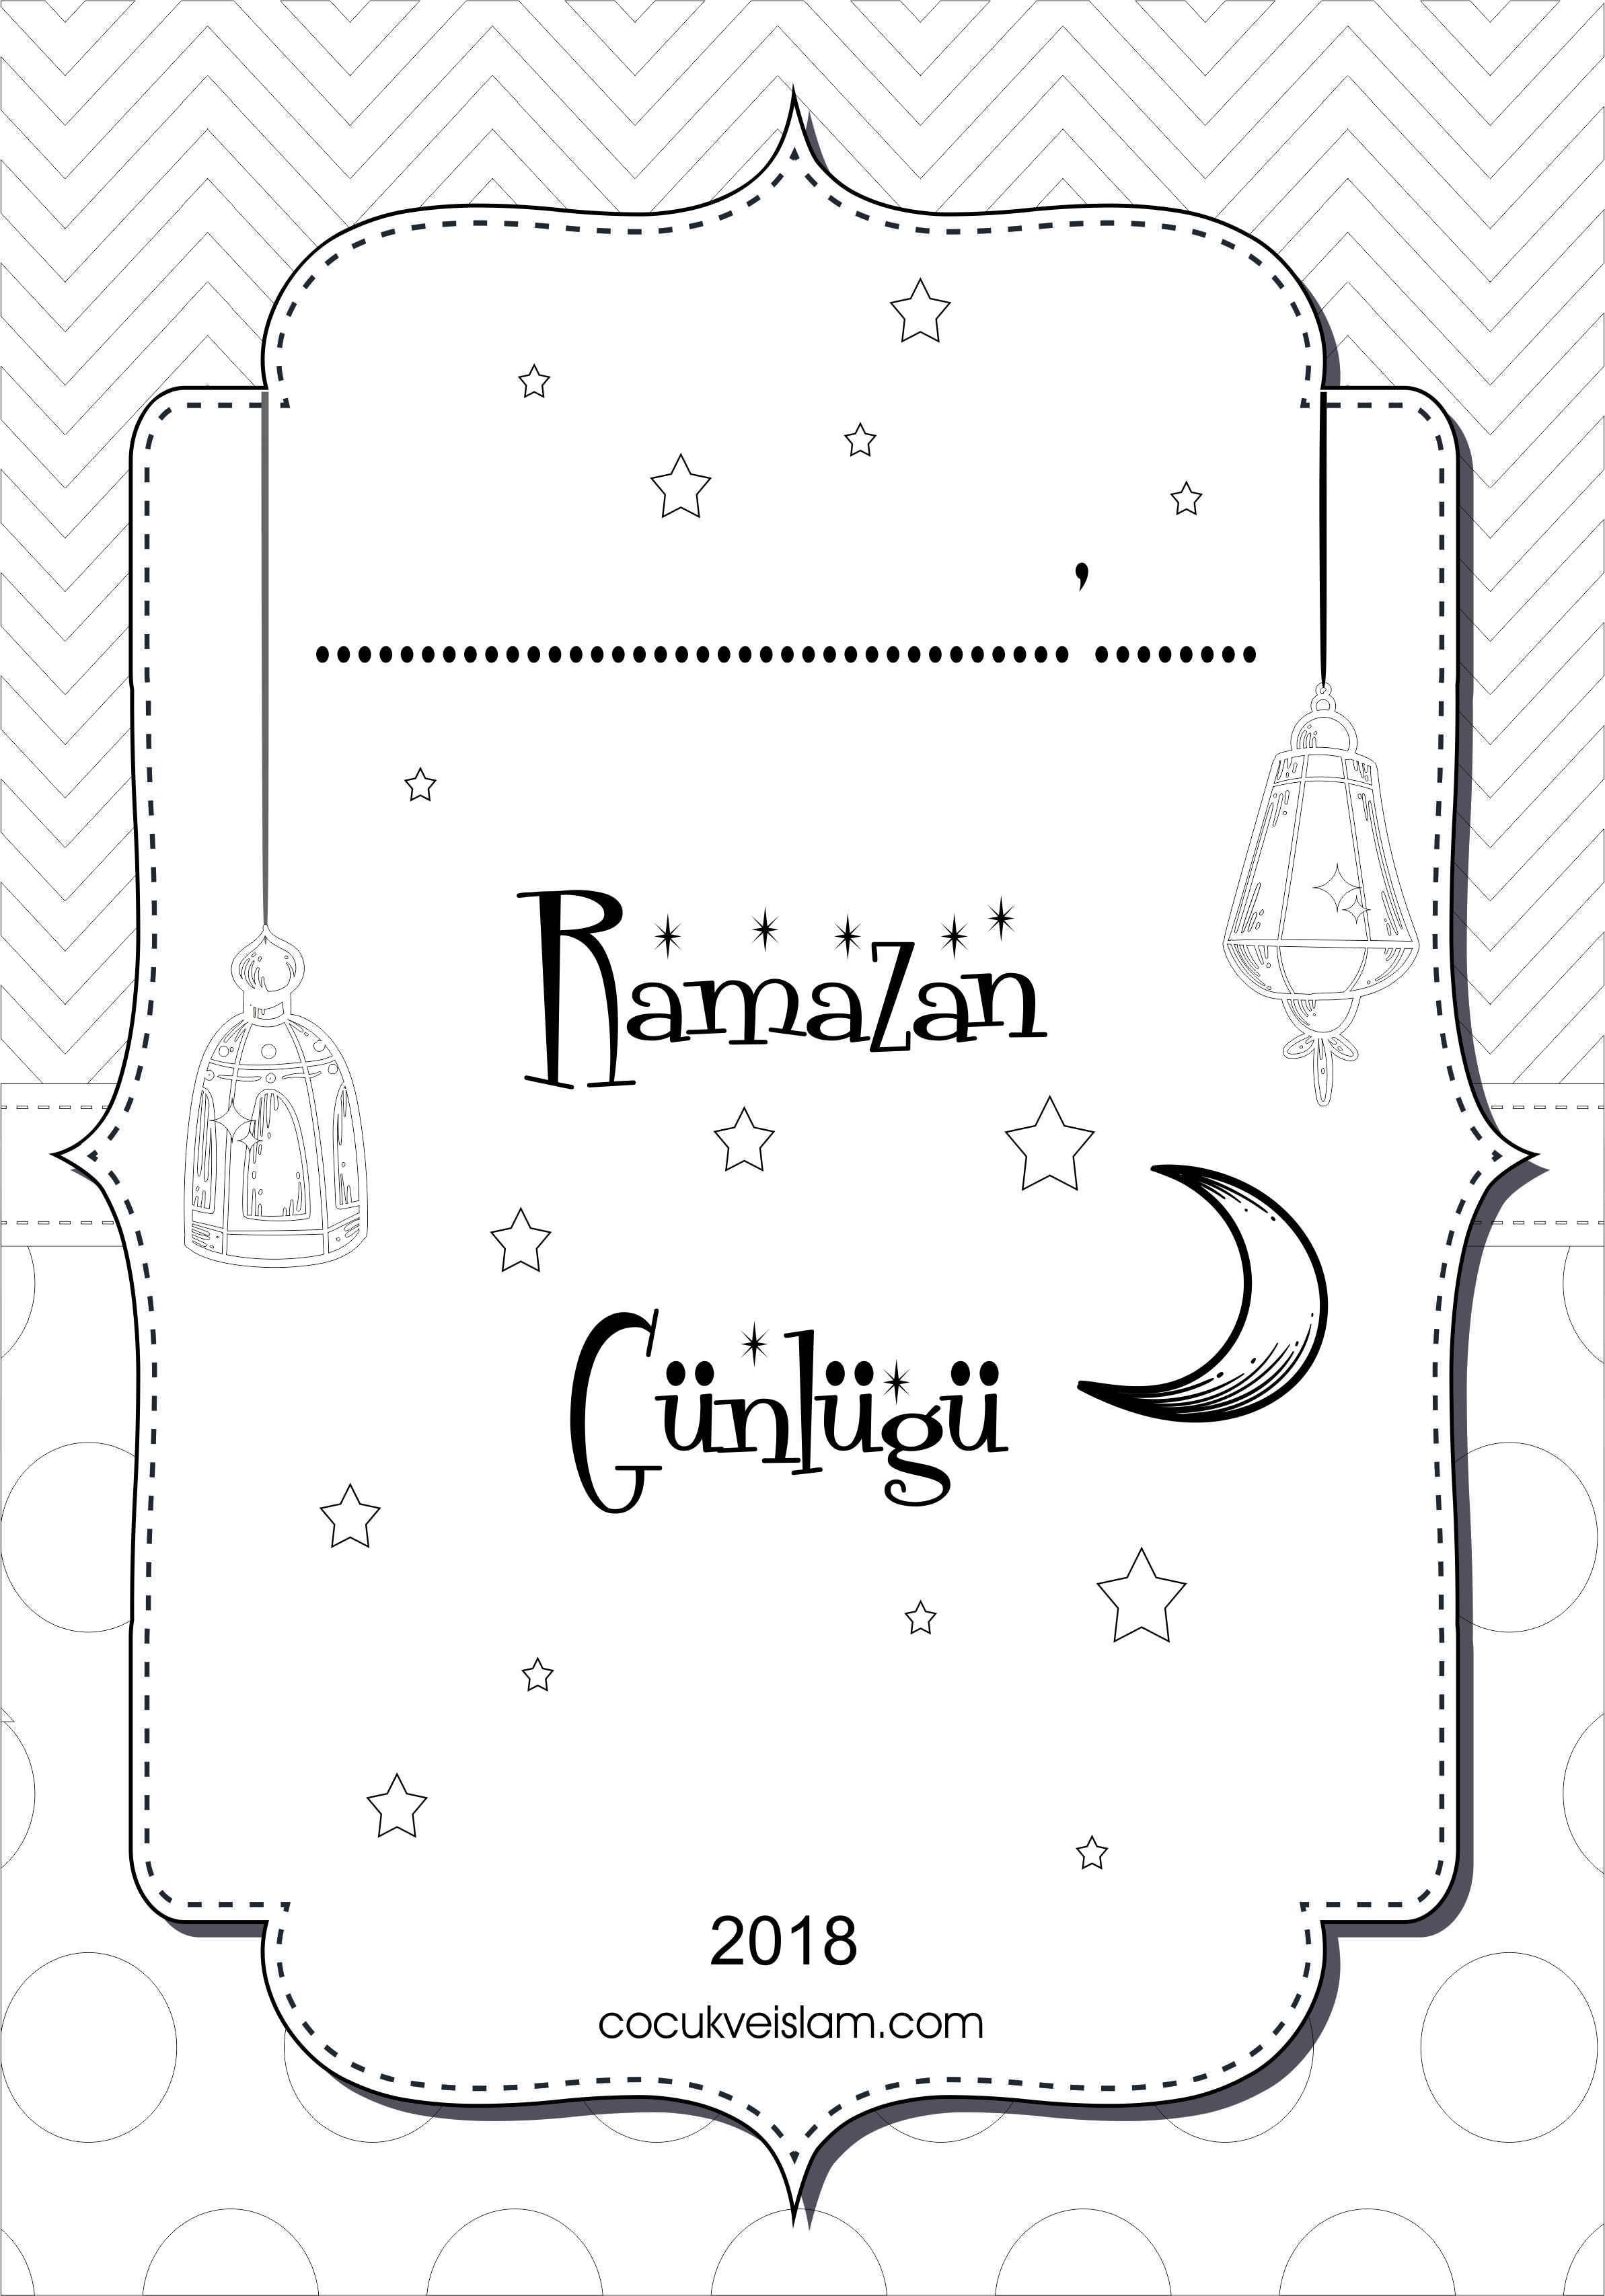 Ramazan Gunlugu Boyama Kapak Cocuk Ve Islam